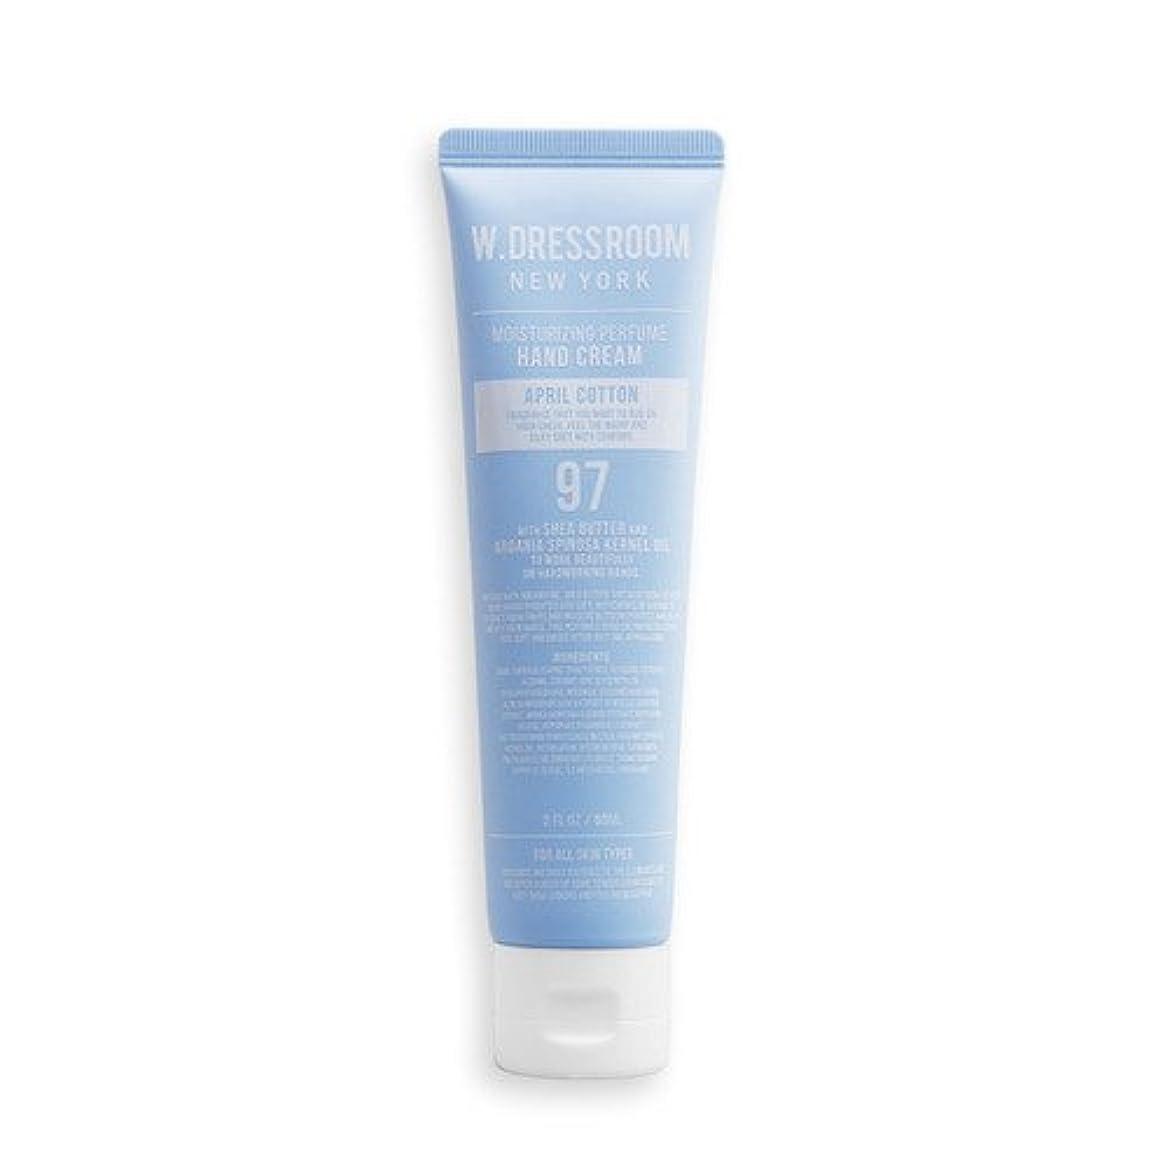 他に貸すリマークW.DRESSROOM Moisturizing Perfume Hand Cream 60ml/ダブルドレスルーム モイスチャライジング パフューム ハンドクリーム 60ml (#No.97 April Cotton)...